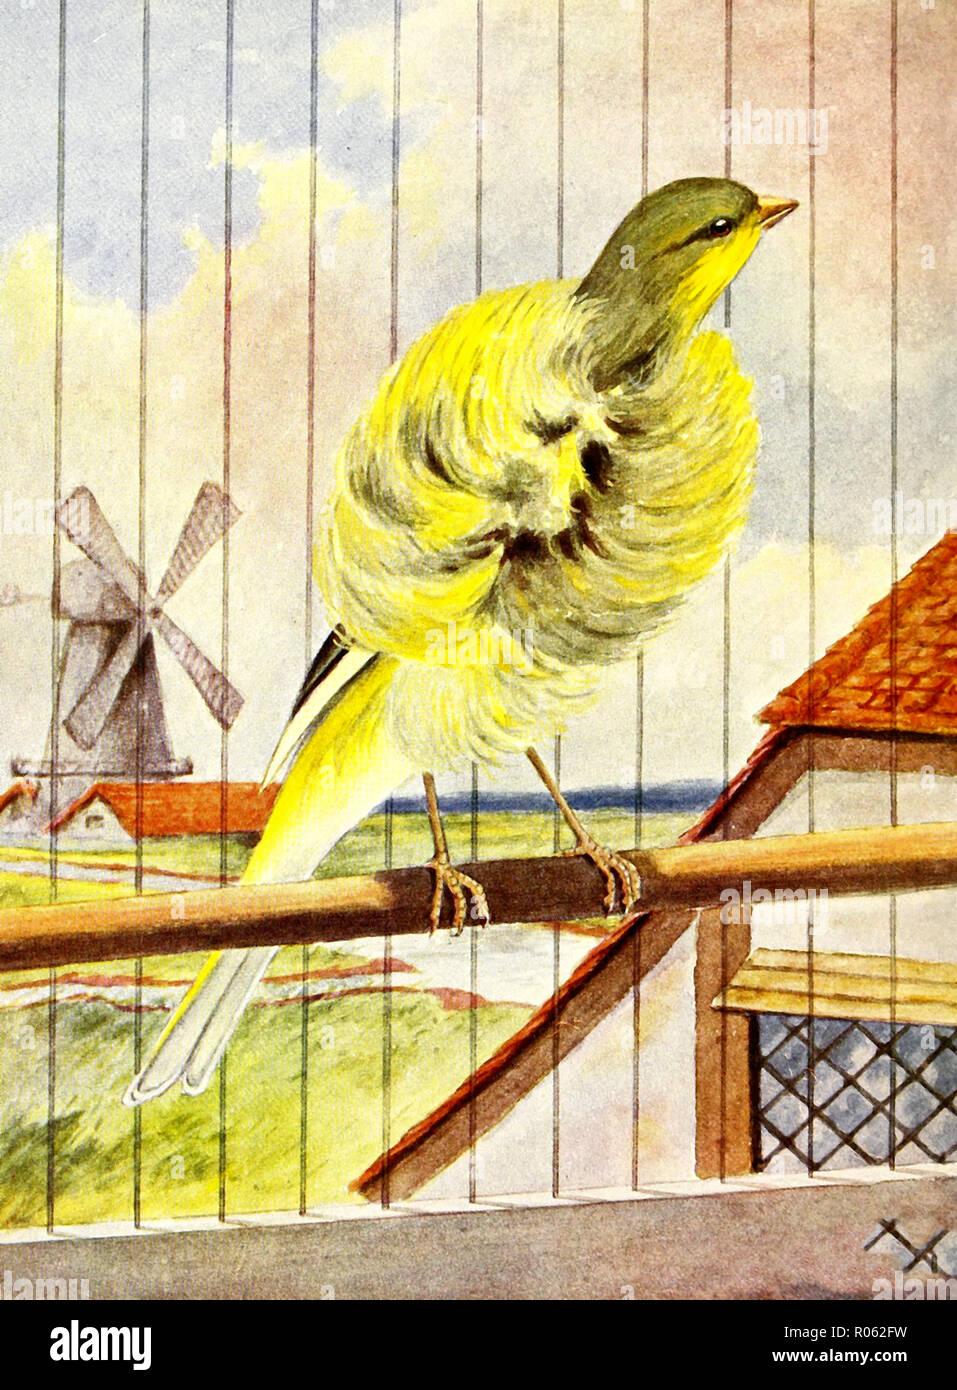 Die niederländische Halskrause Kanarische Inseln - eine Vielzahl sehr dafür auf dem Kontinent - ca. 1900 Stockbild